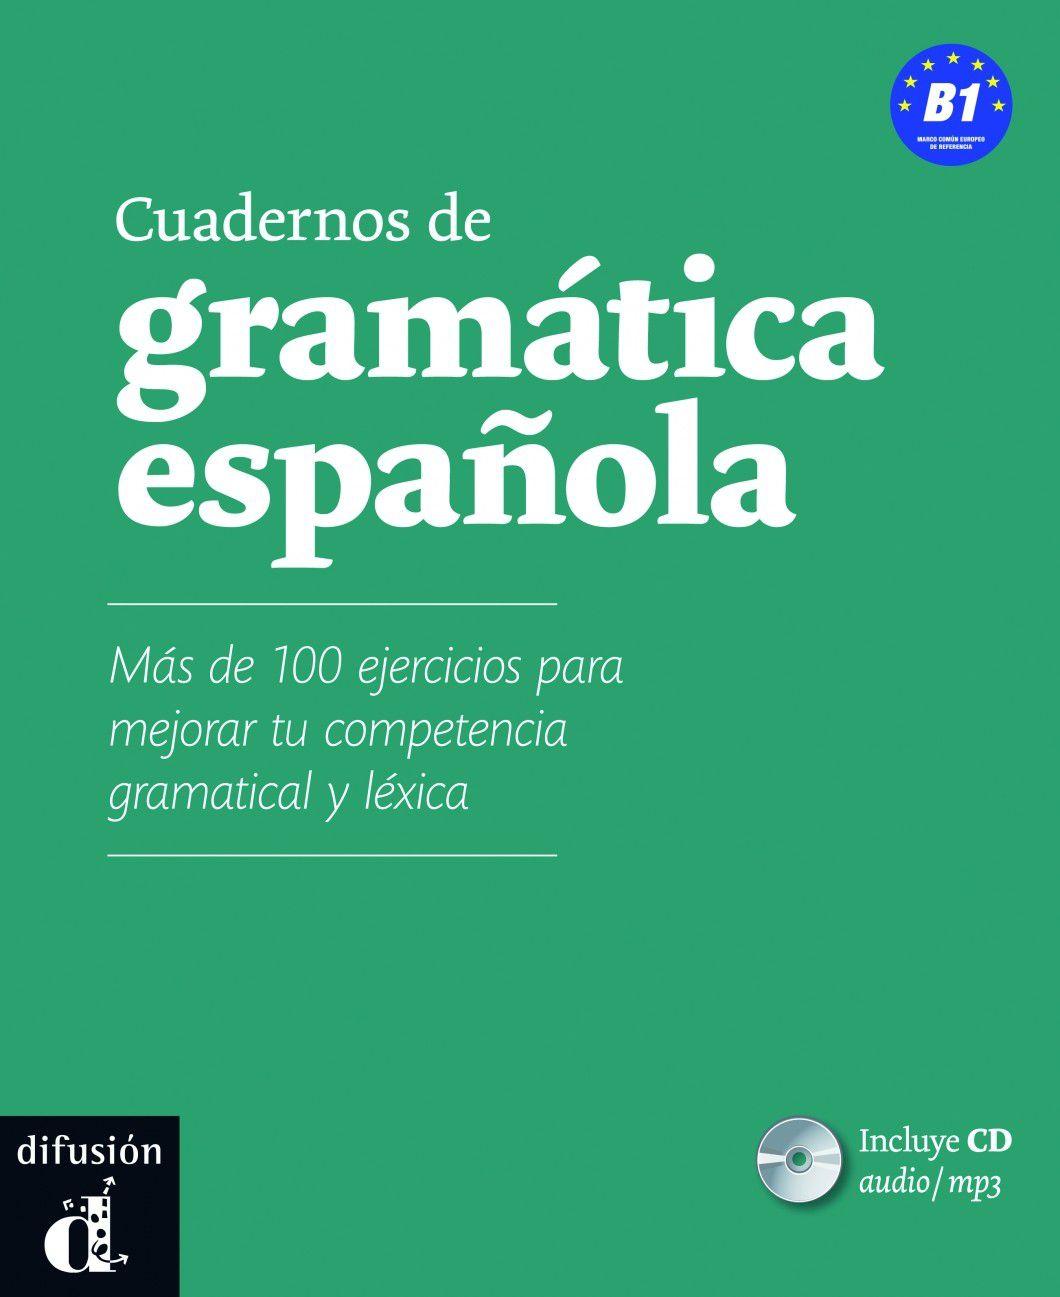 CUADERNOS DE GRAMATICA ESPANOLA B1 - LIBRO CON CD